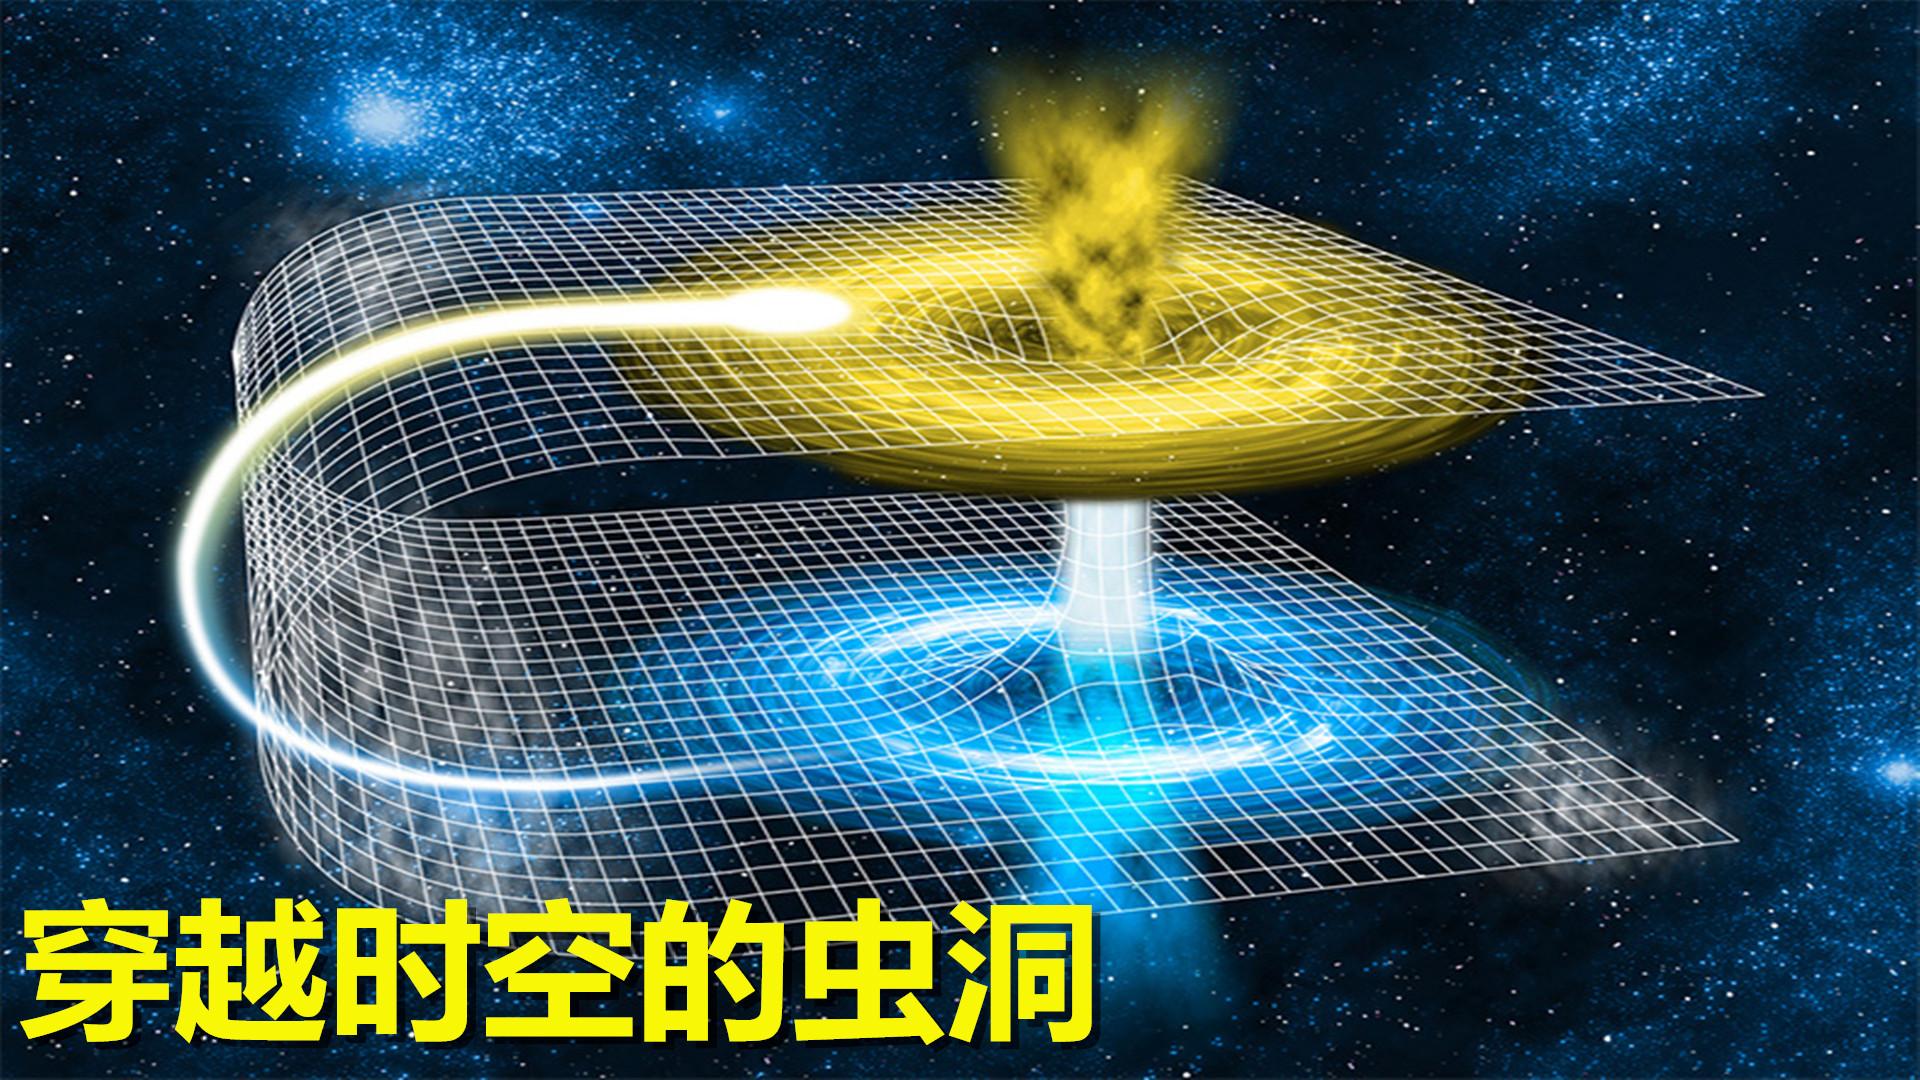 爱因斯坦提出的虫洞理论到底是什么?-第1张图片-IT新视野